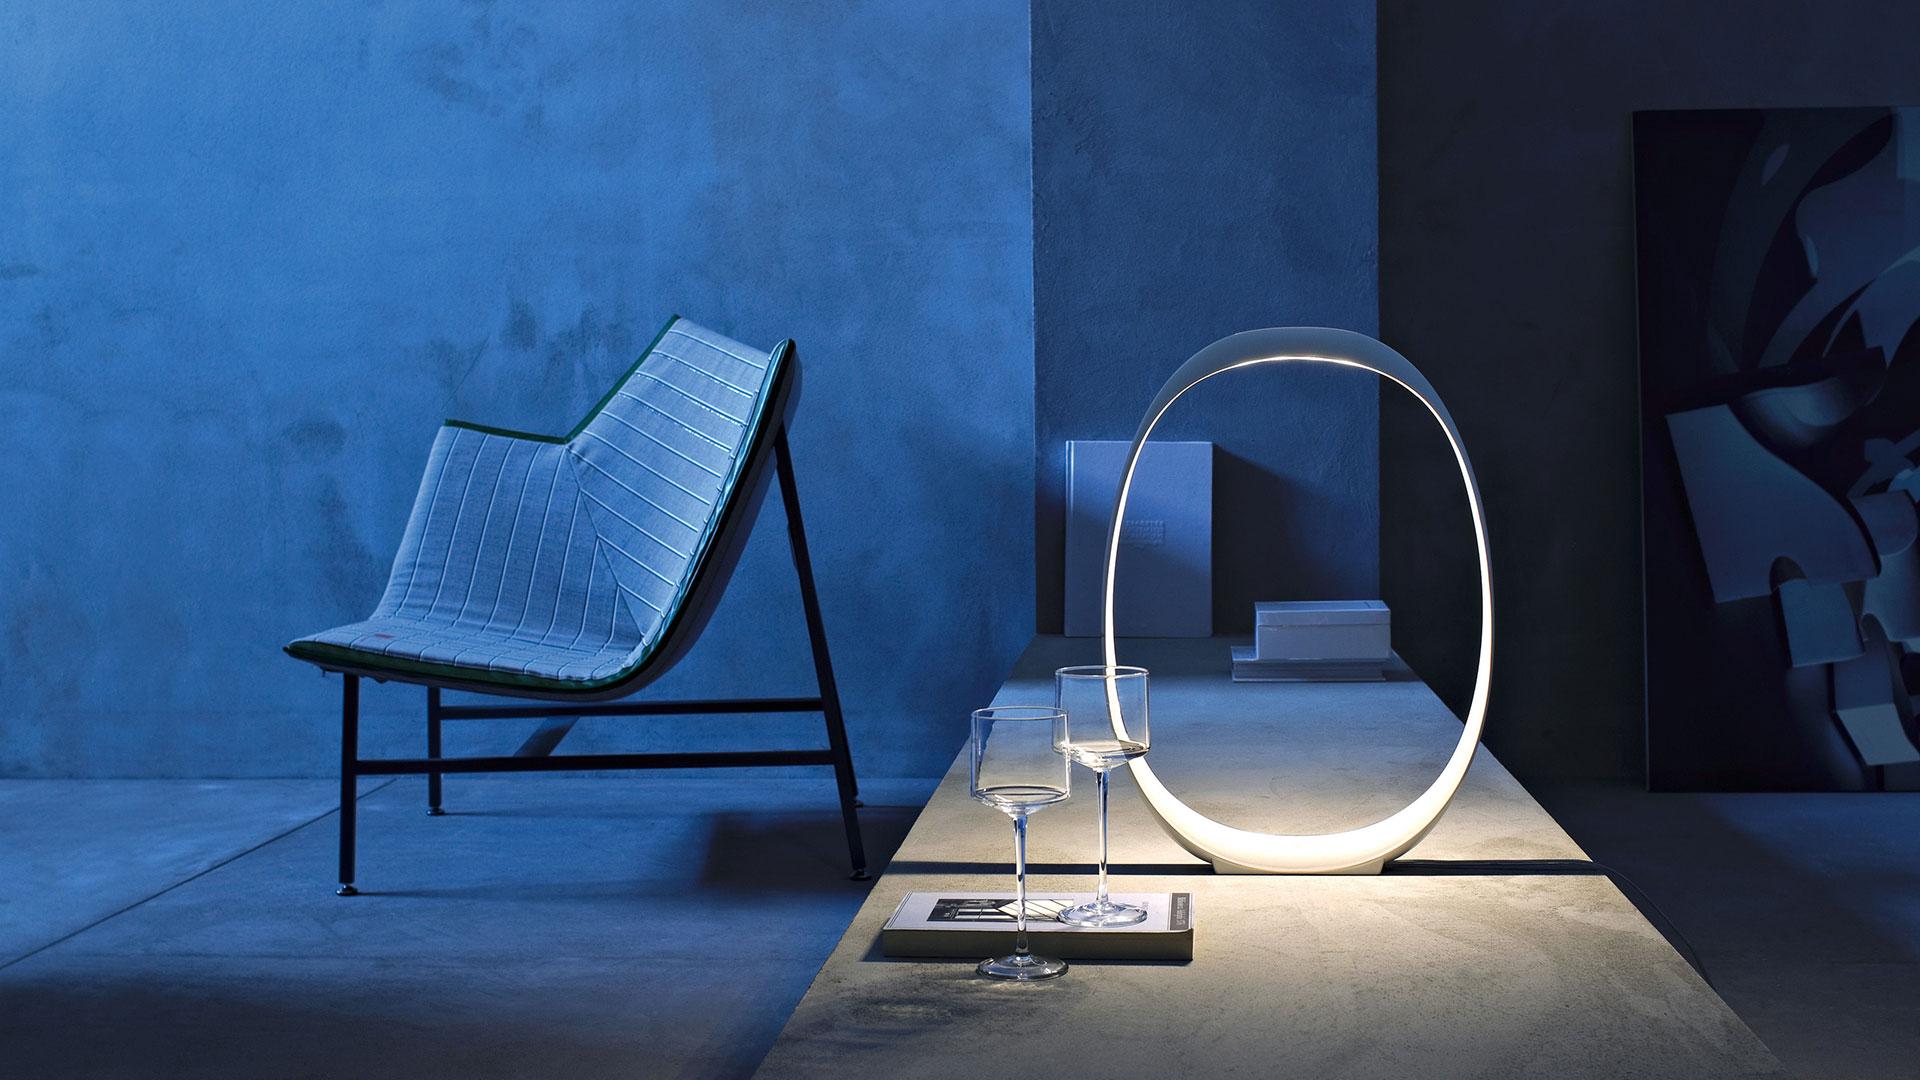 Lampade a batteria u tecnica nella luce u led design lampade